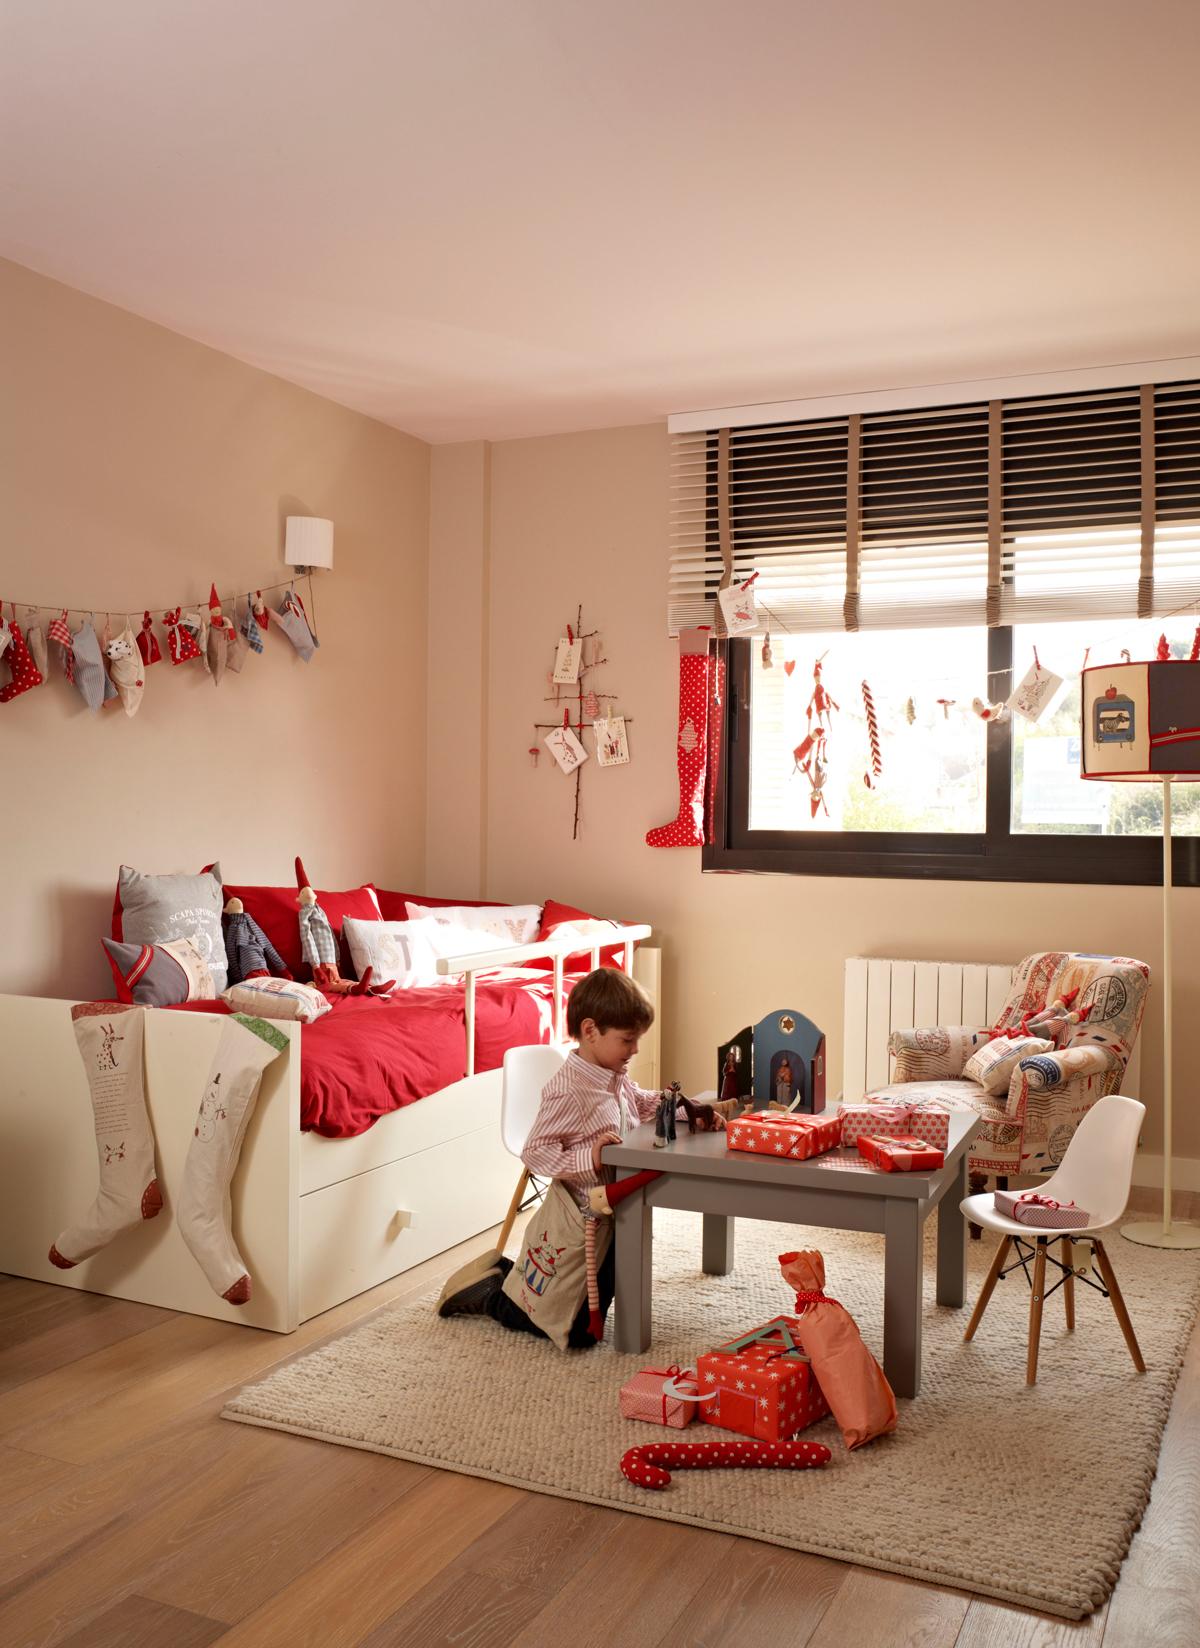 Adornos Decorar De Infantil Navidad La Para Habitación ywN0mnv8O